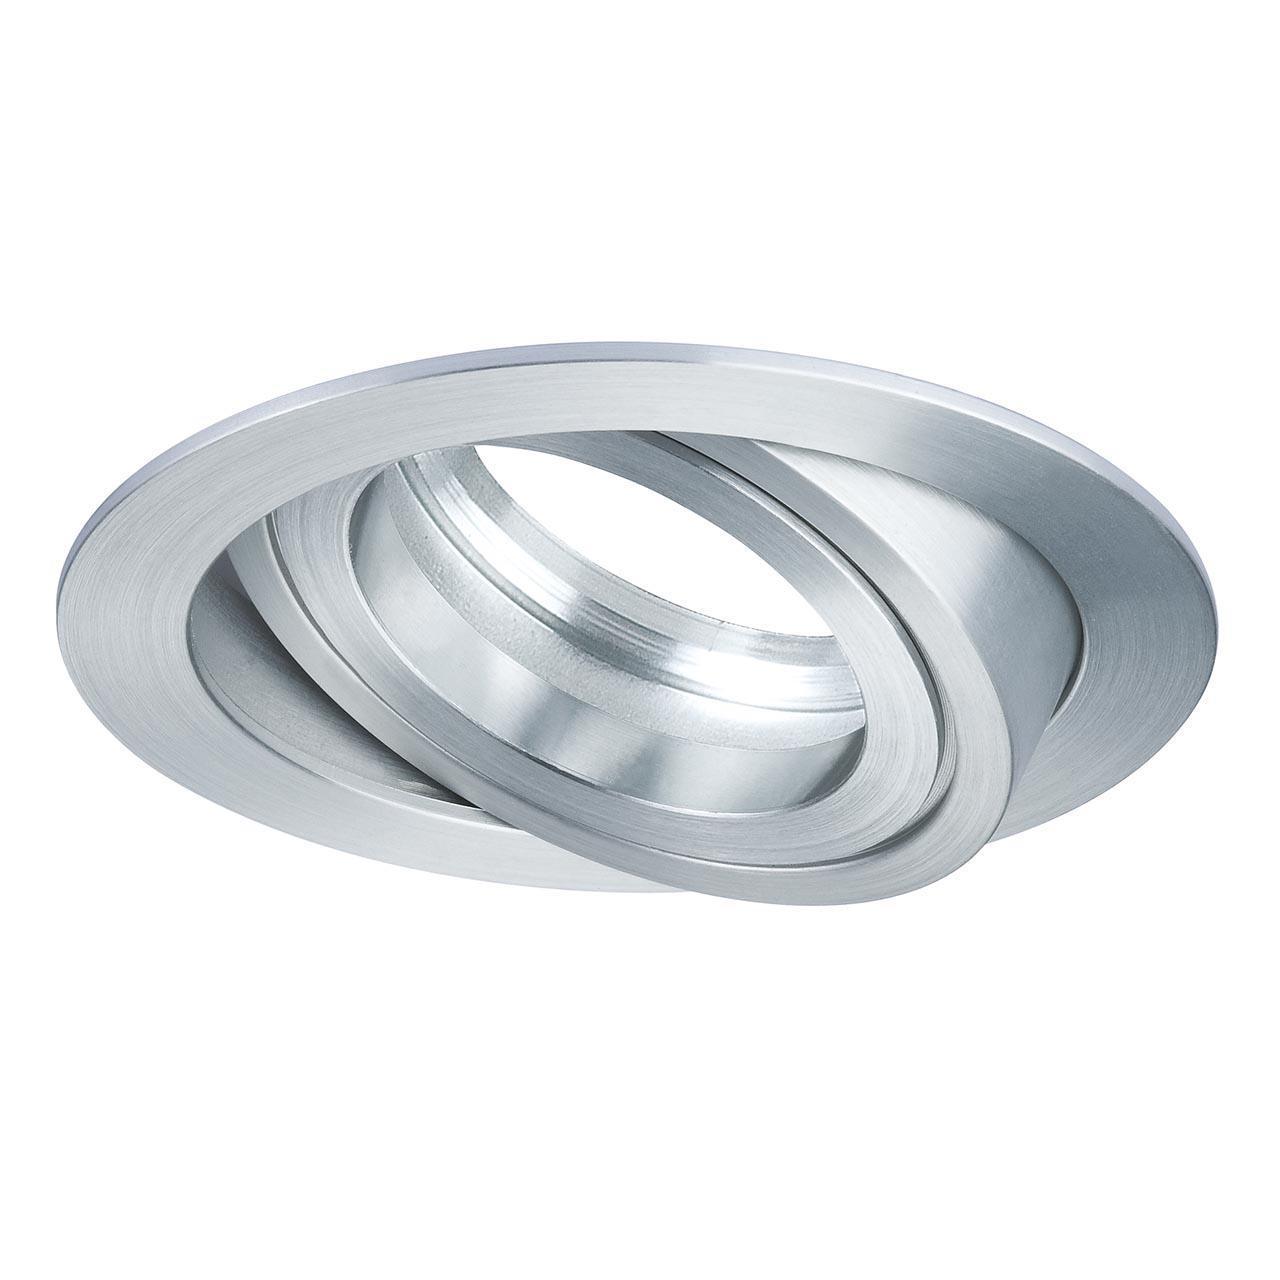 Купить Встраиваемый светильник Drilled серого цвета, inmyroom, Германия